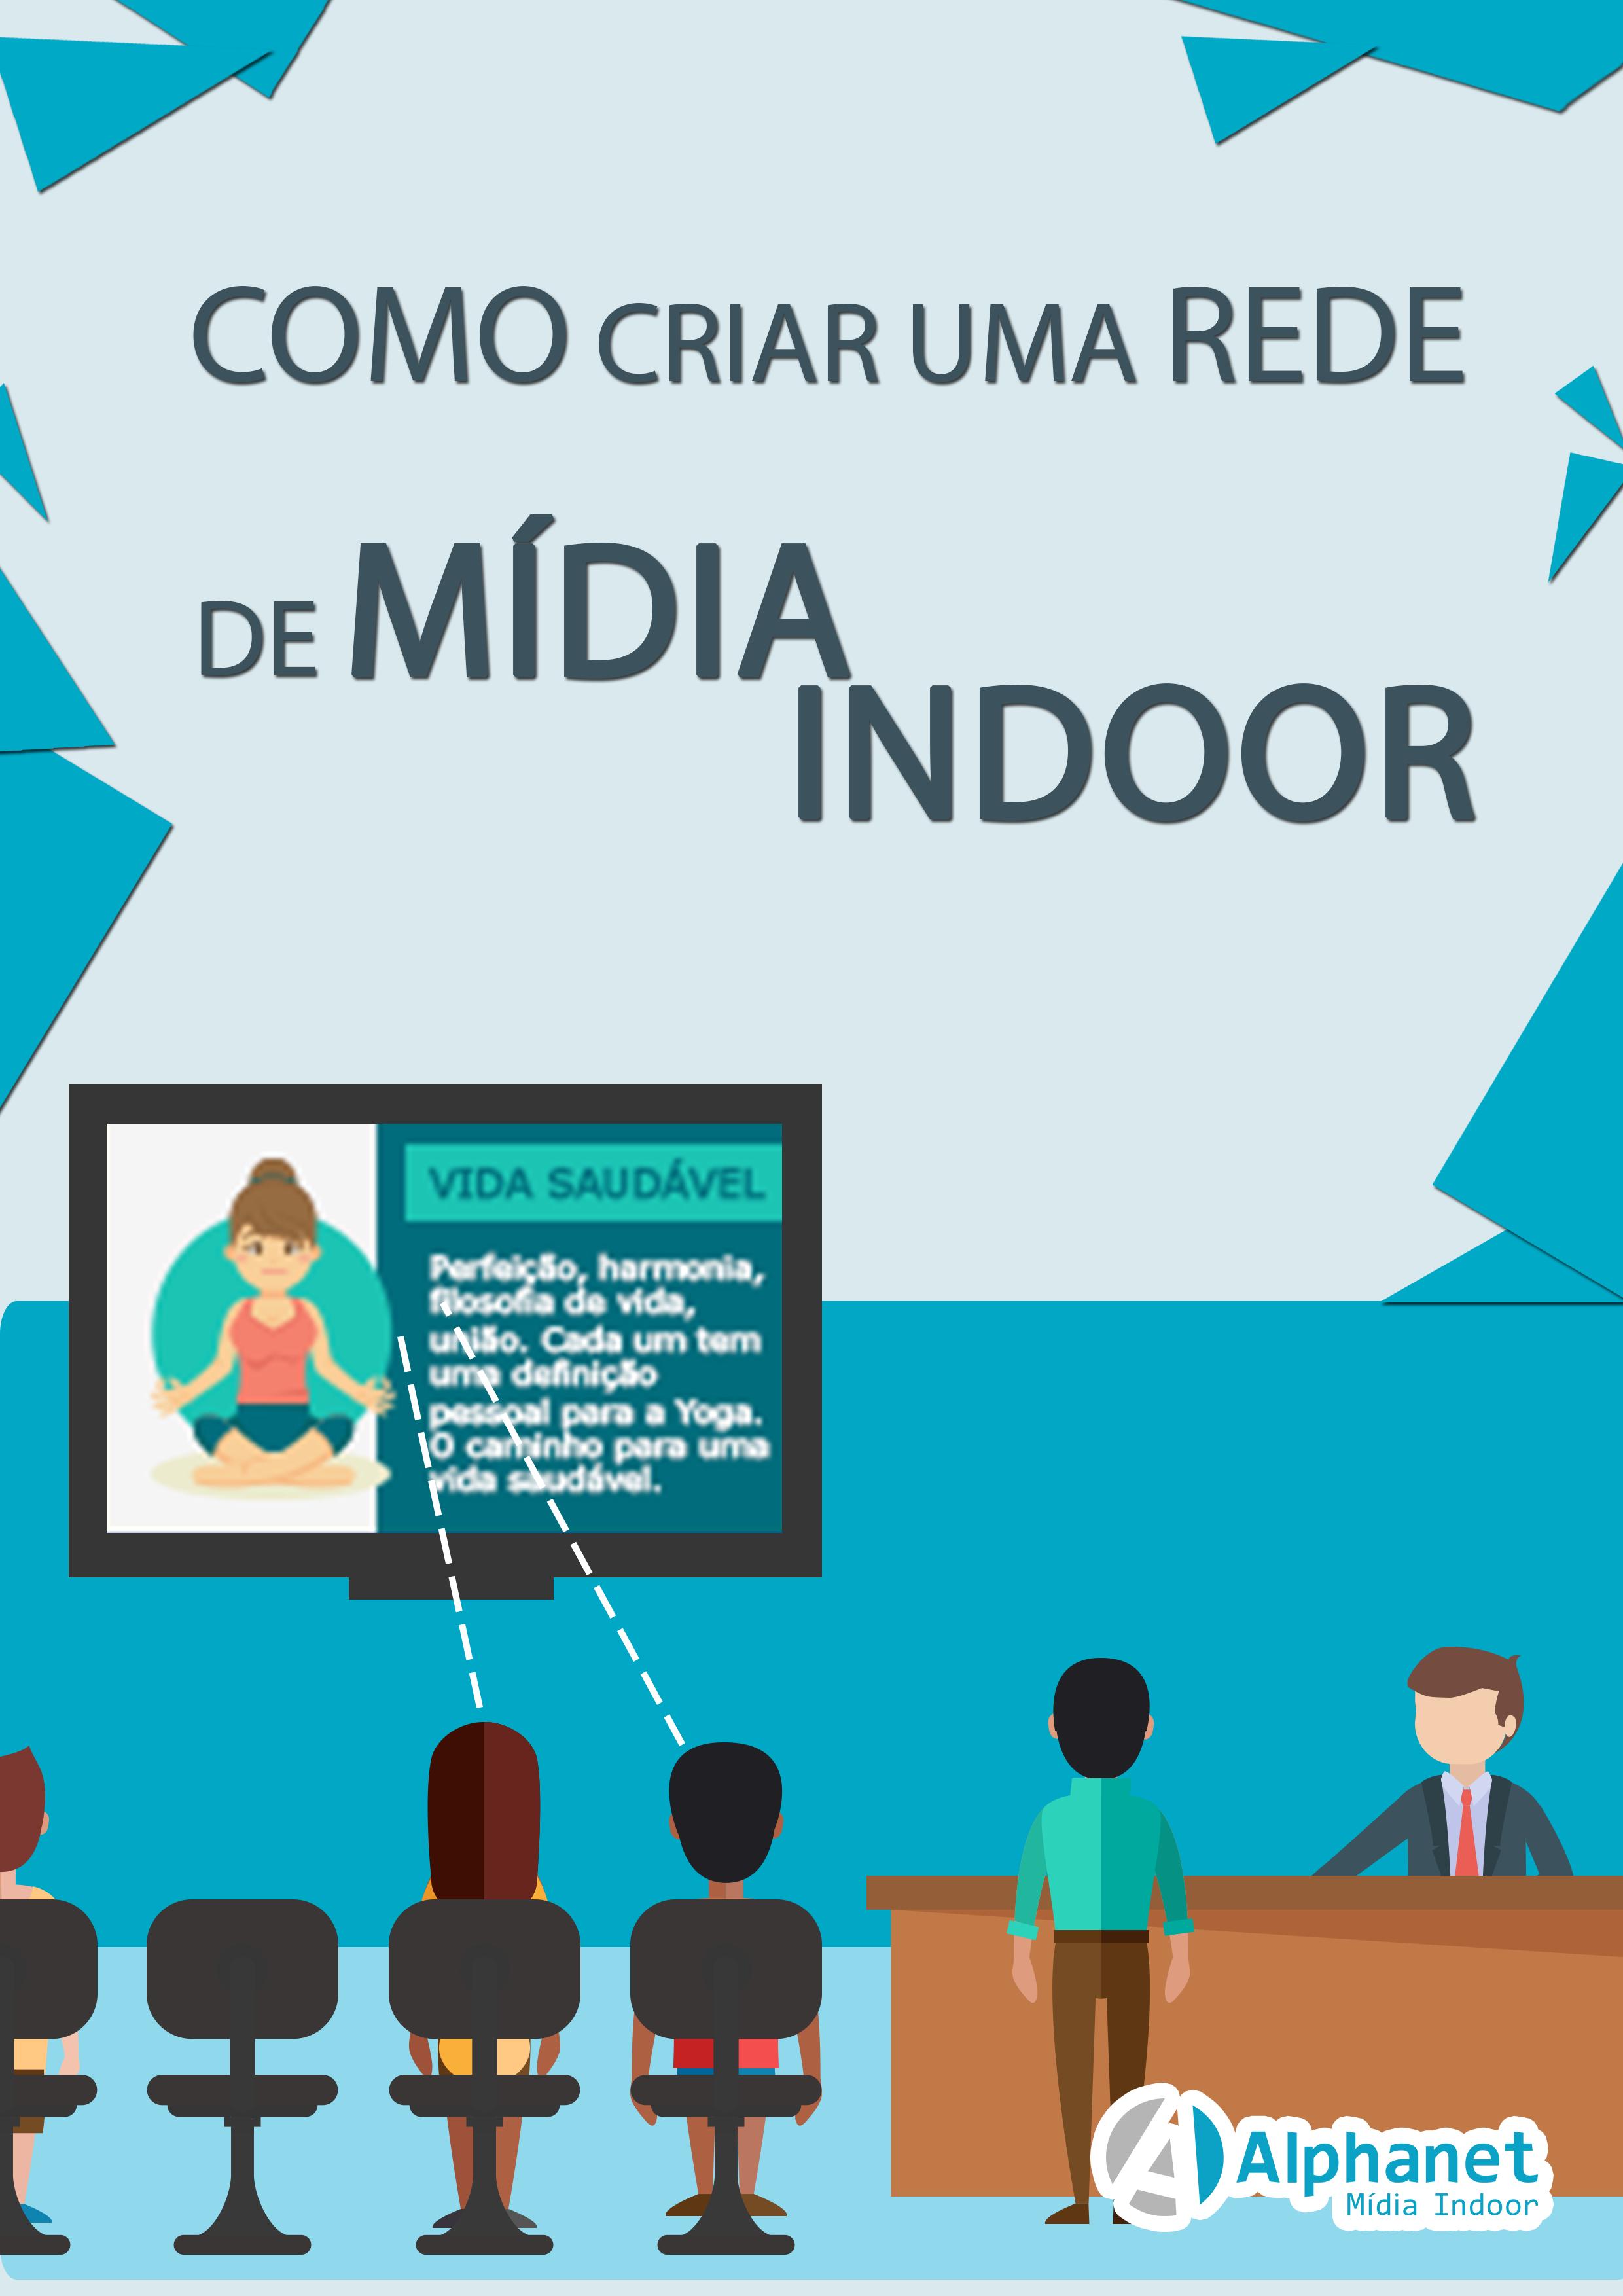 rede mídia indoor